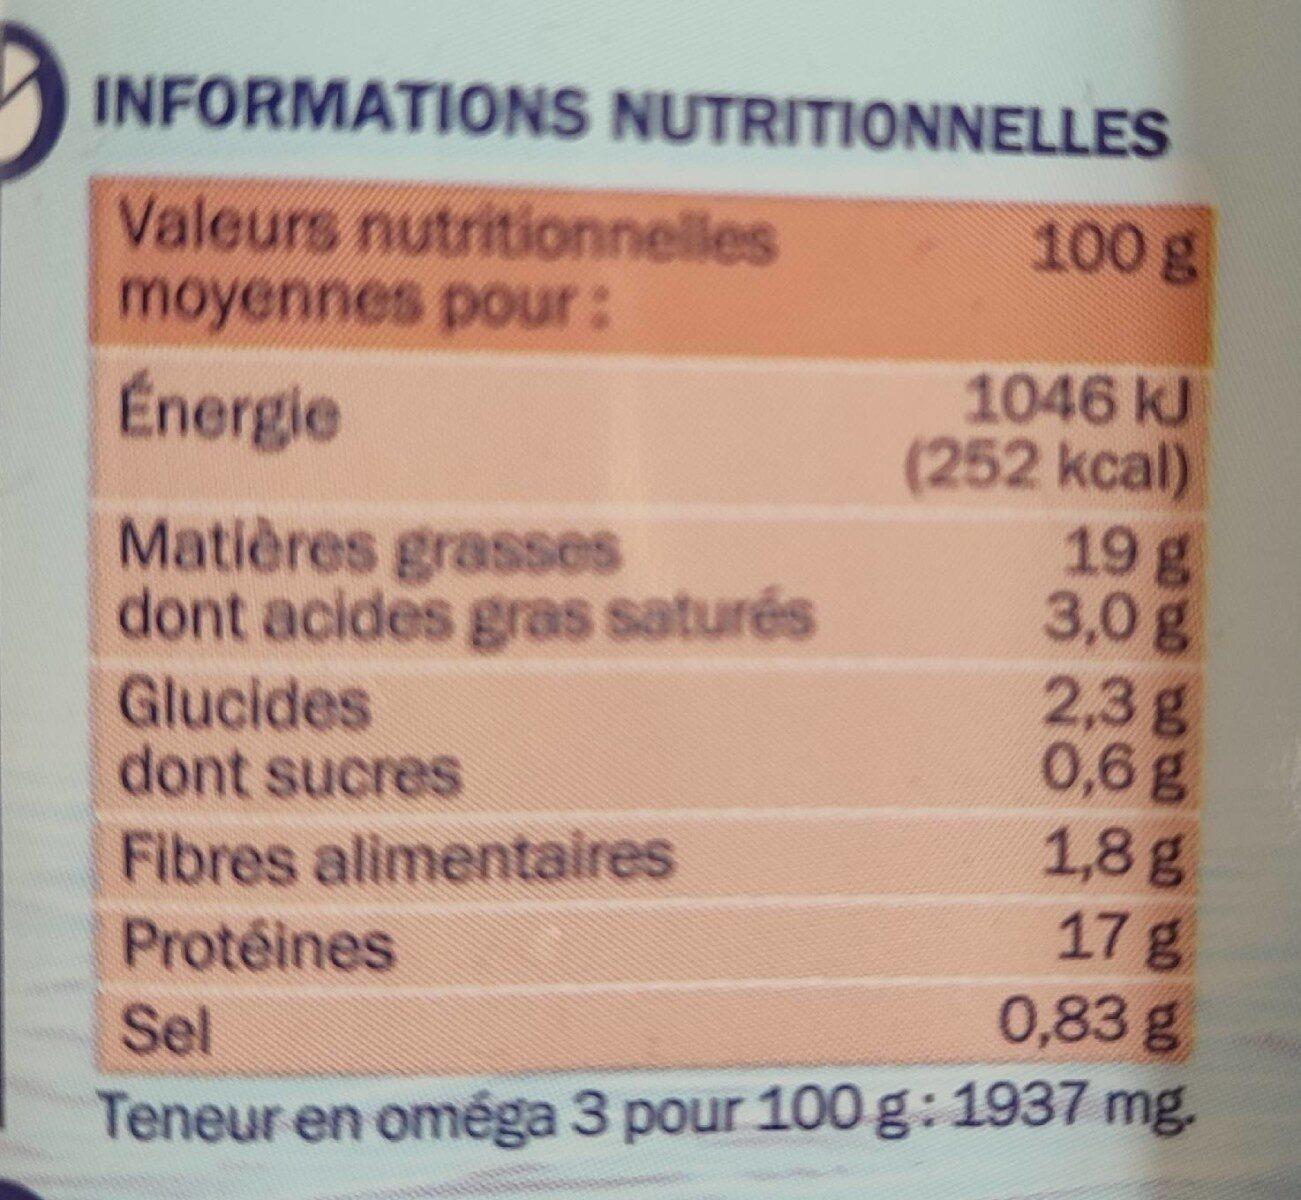 Hachés au saumon à la ciboulette x 2 - Informations nutritionnelles - fr